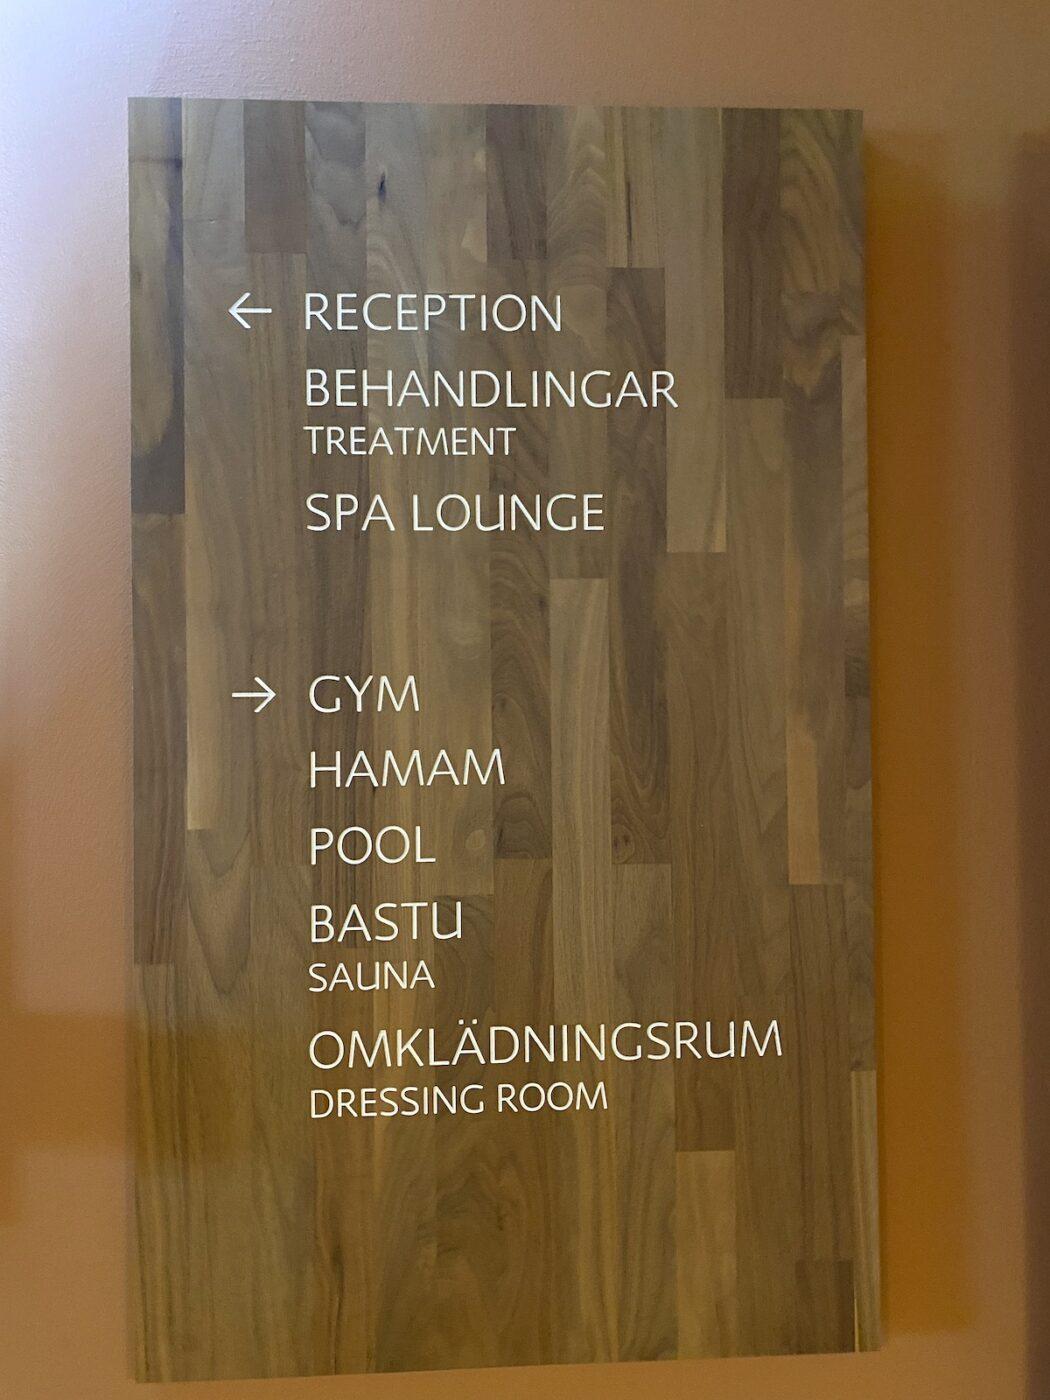 Bild på skylt från Sturebadet med behandlingar, spa lounge, gym, hamam, pool och bastu